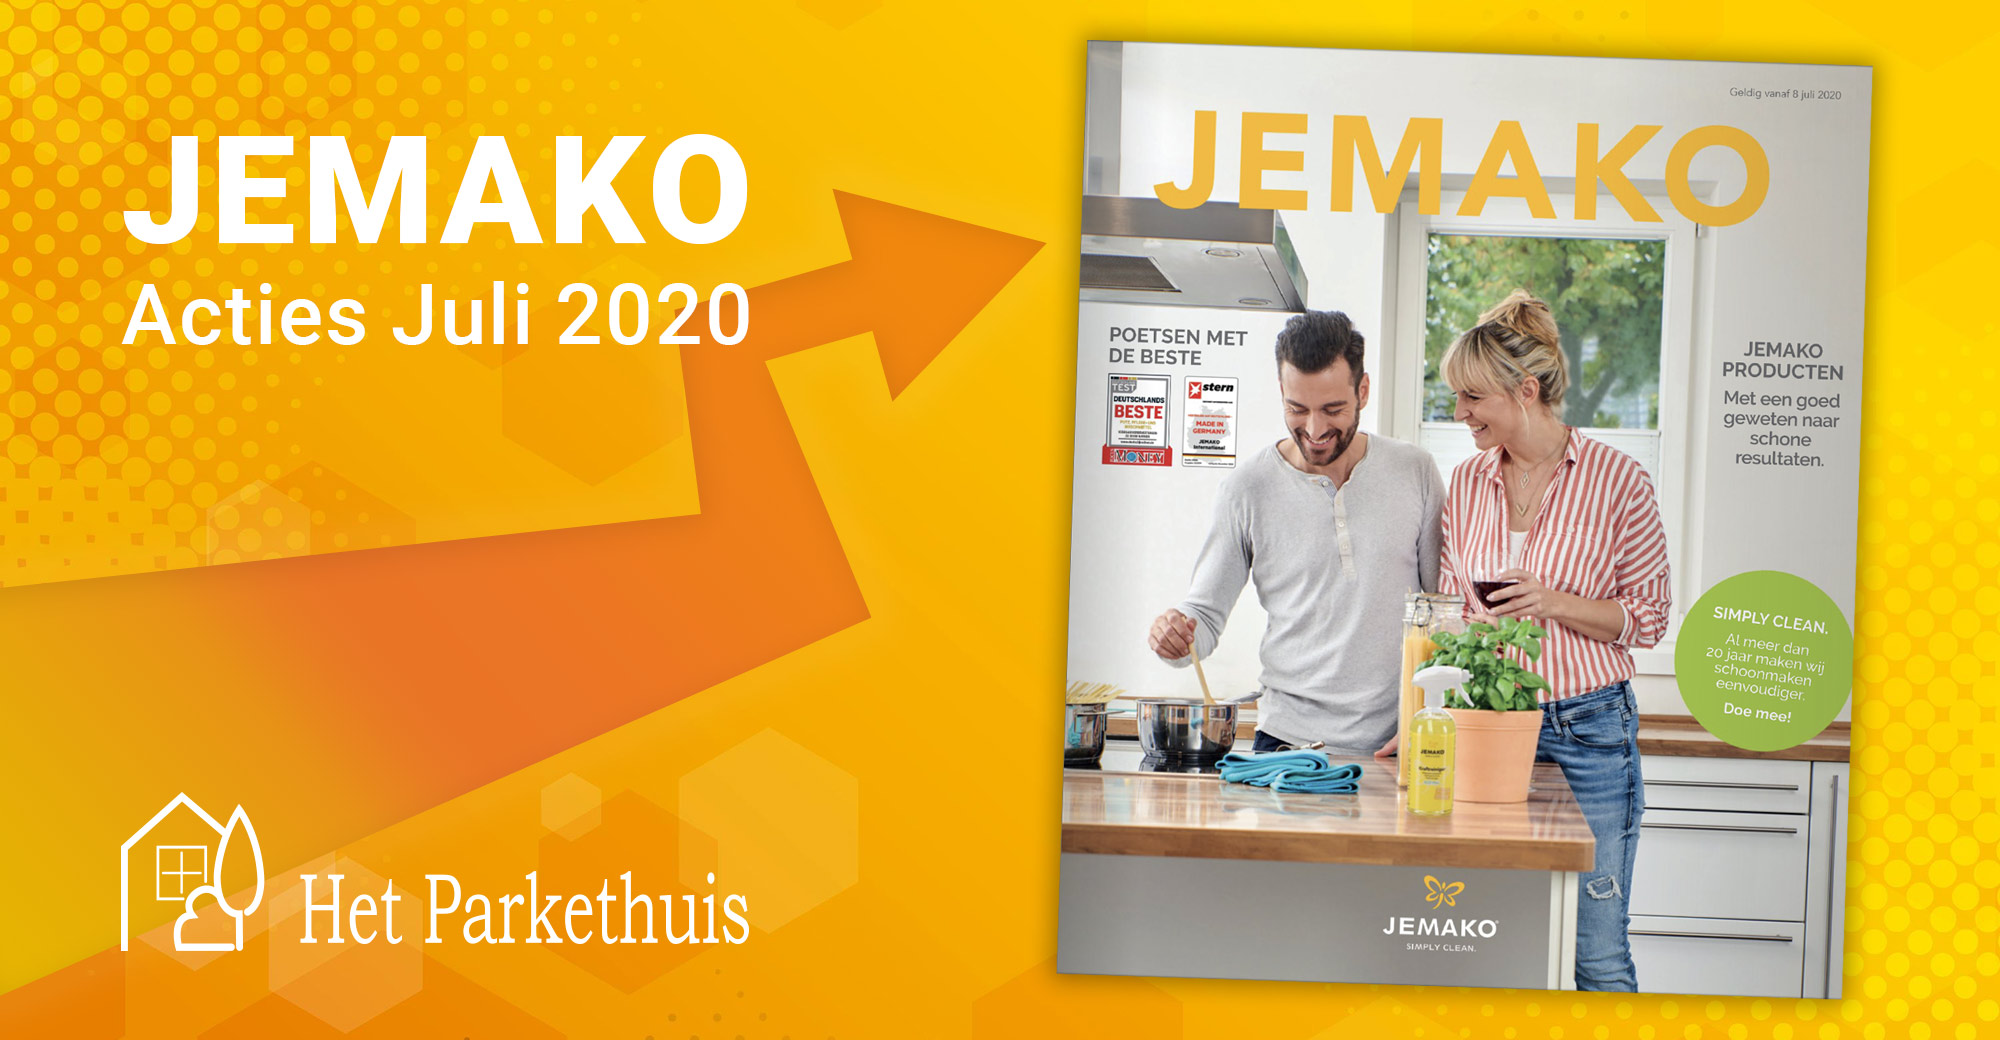 Met een goed geweten naar schone resultaten: bekijk de nieuwste JEMAKO catalogus